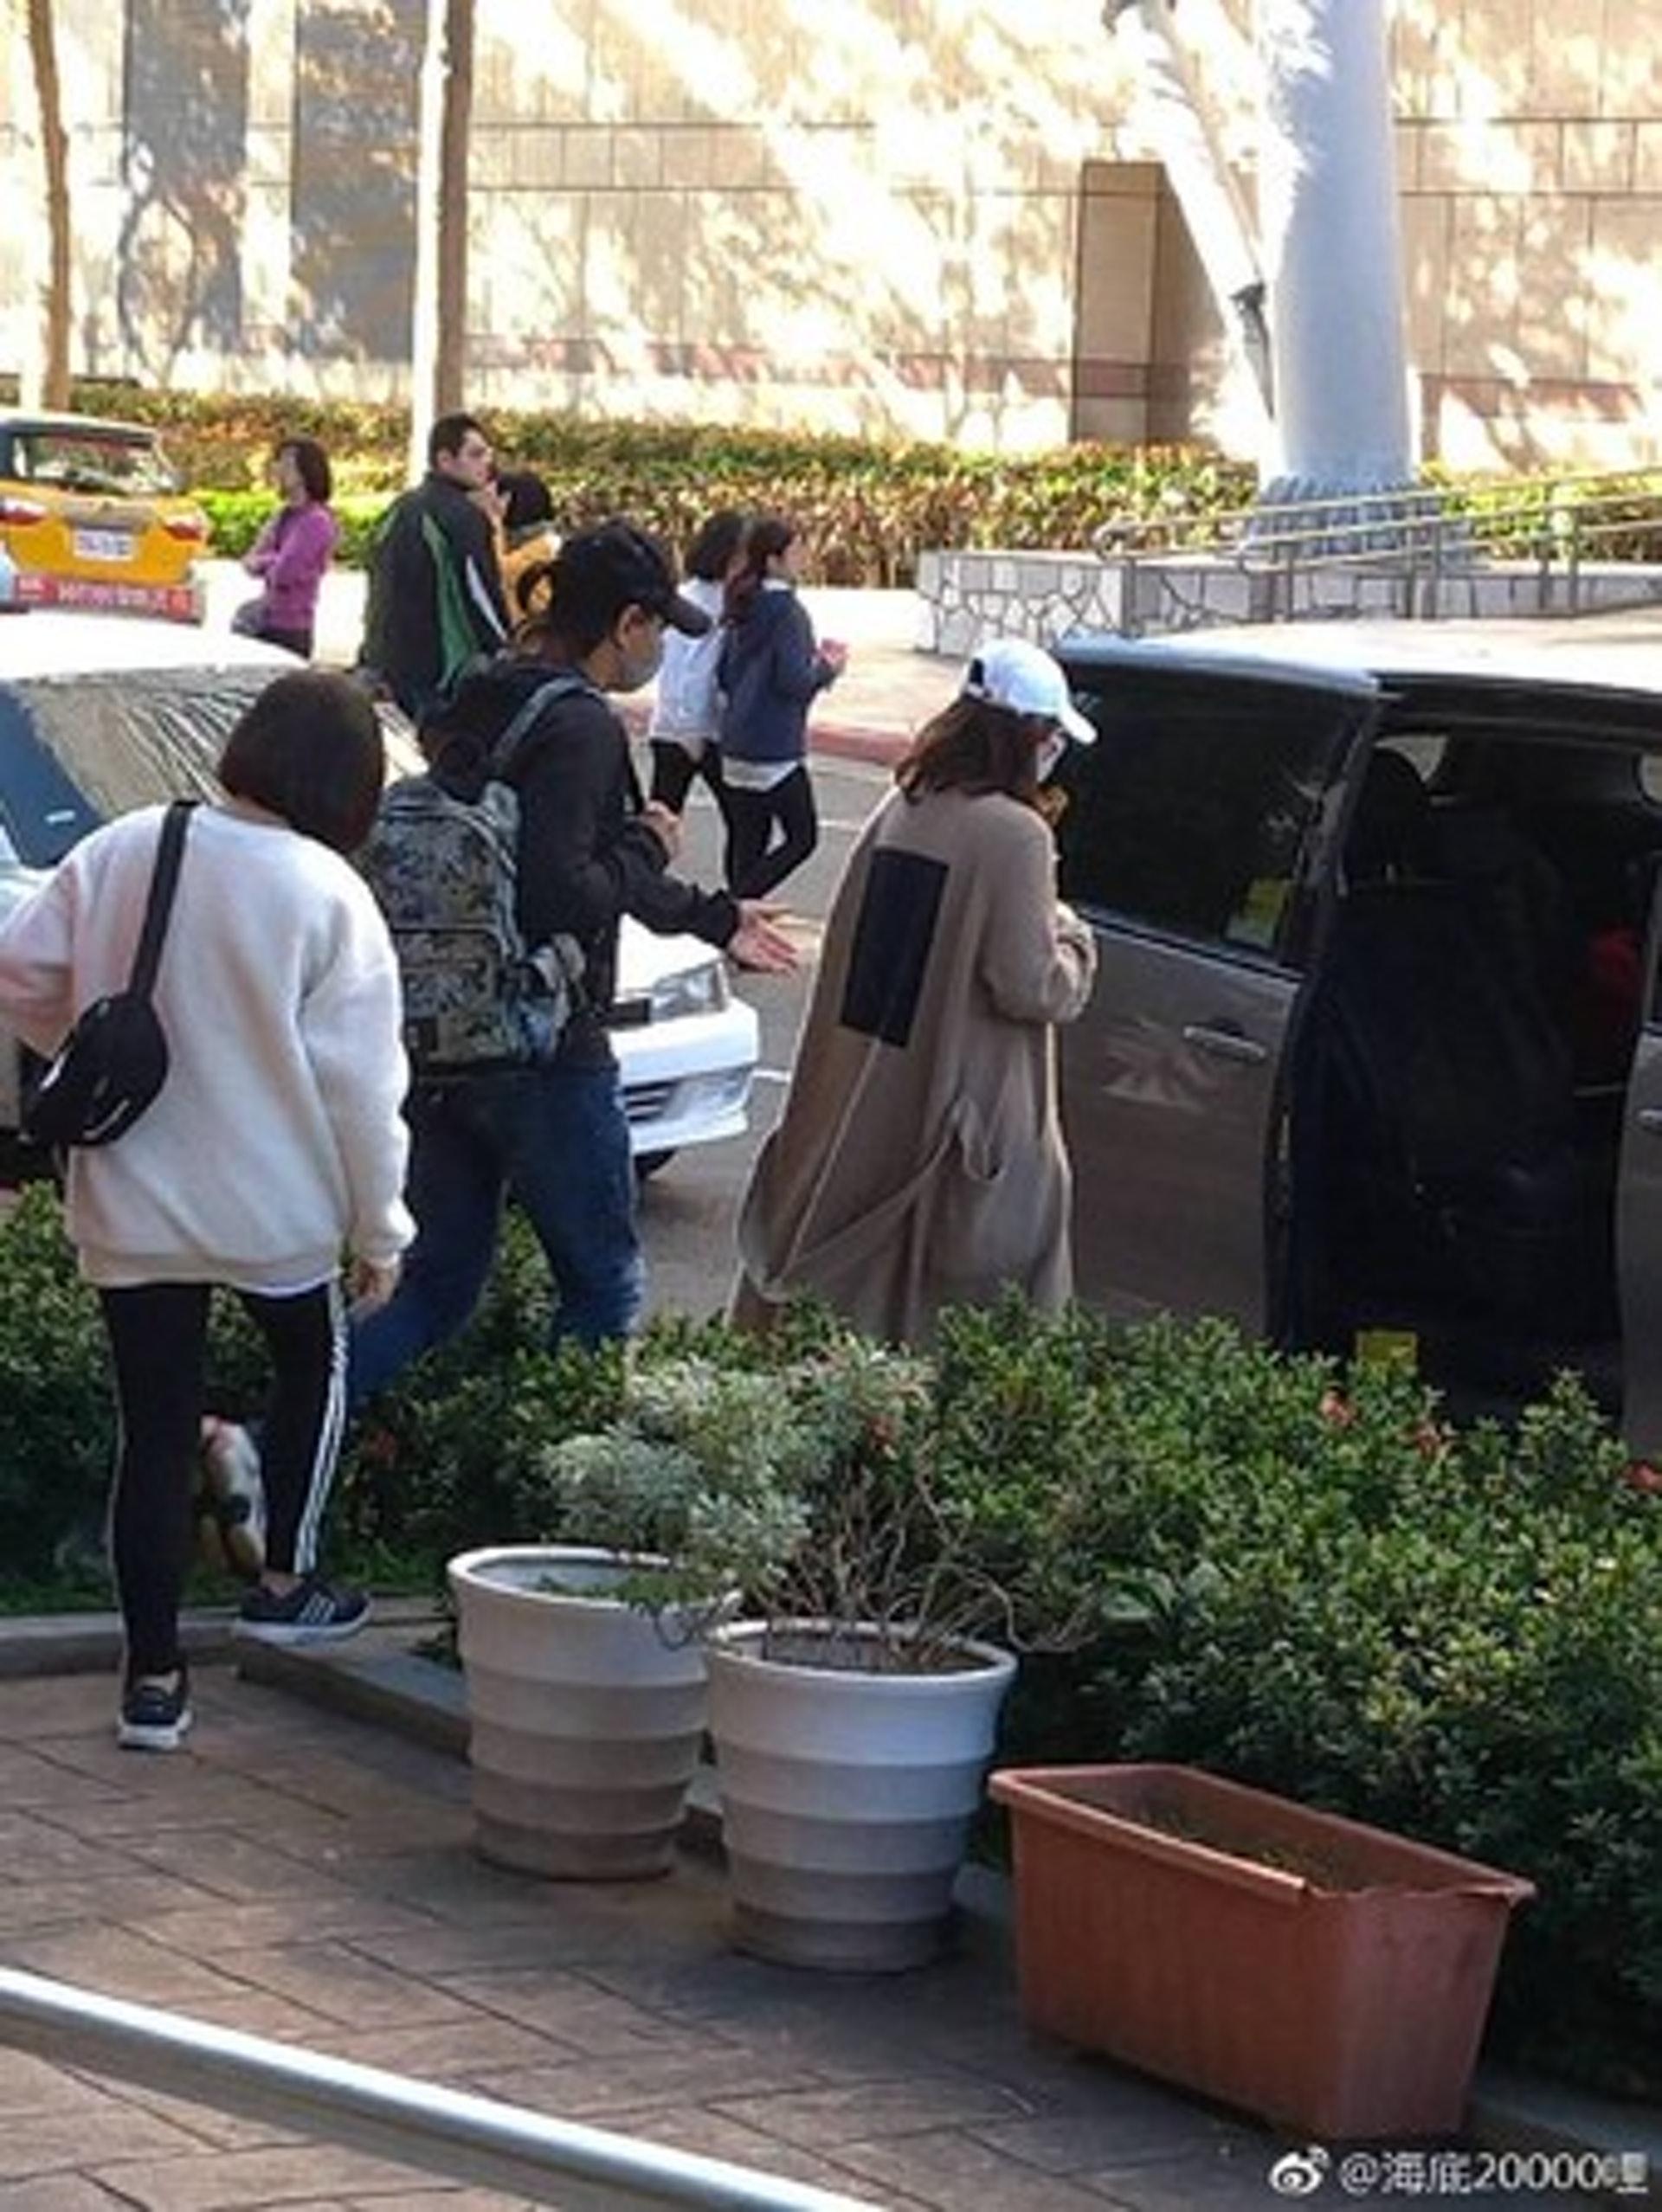 劉詩詩日前被網友目擊現身台北街頭,當時吳奇隆細心照顧老婆一舉一動。(微博圖片)